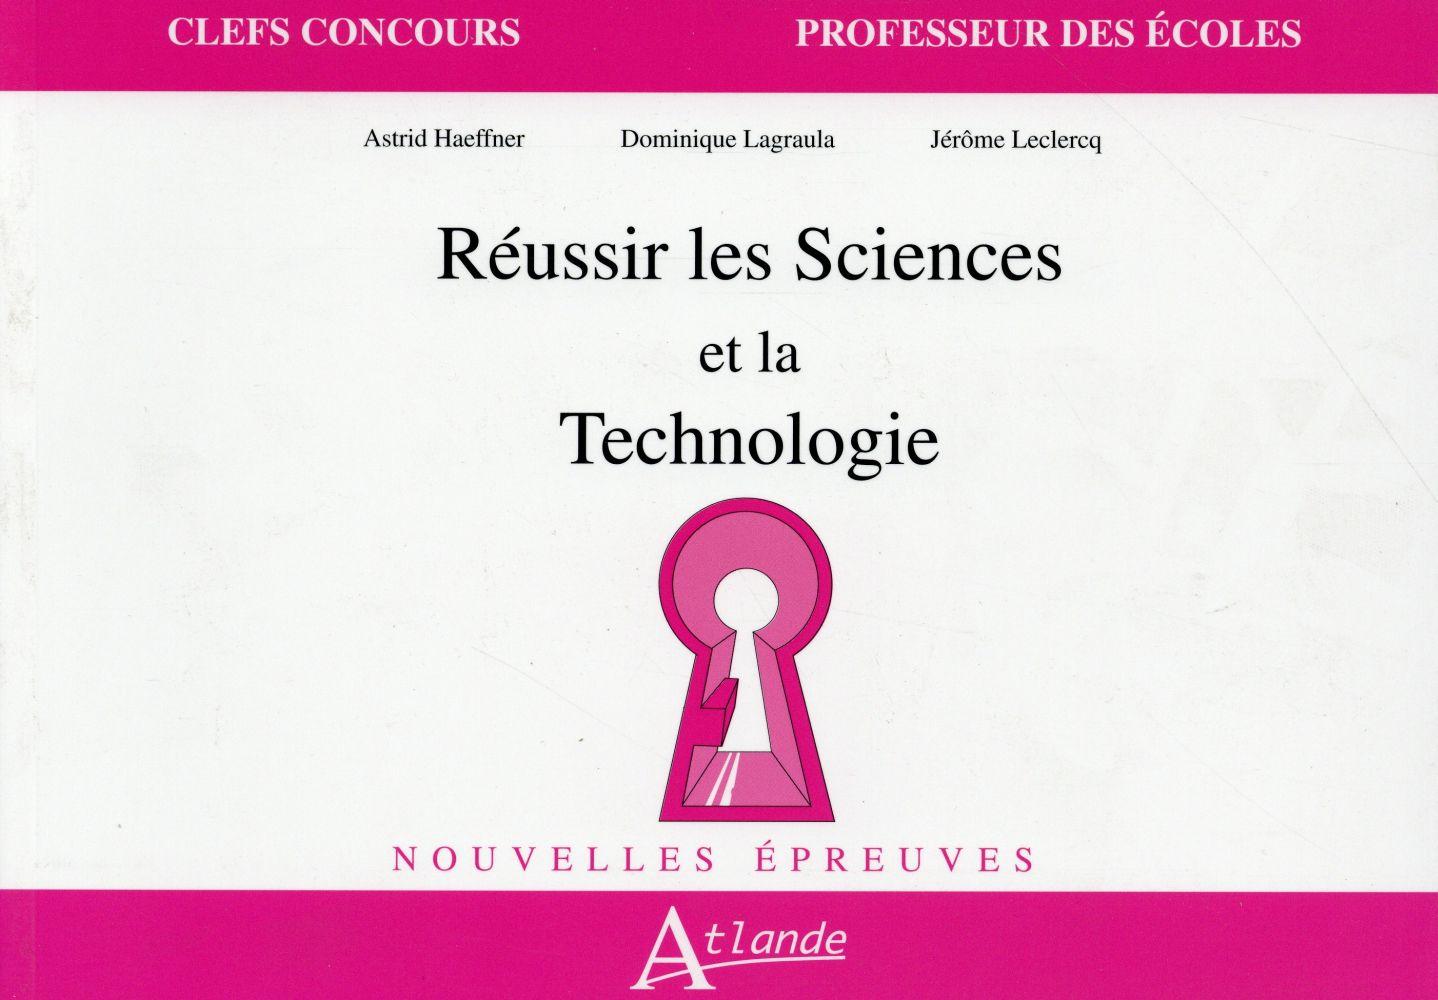 Réussir les sciences et technologie